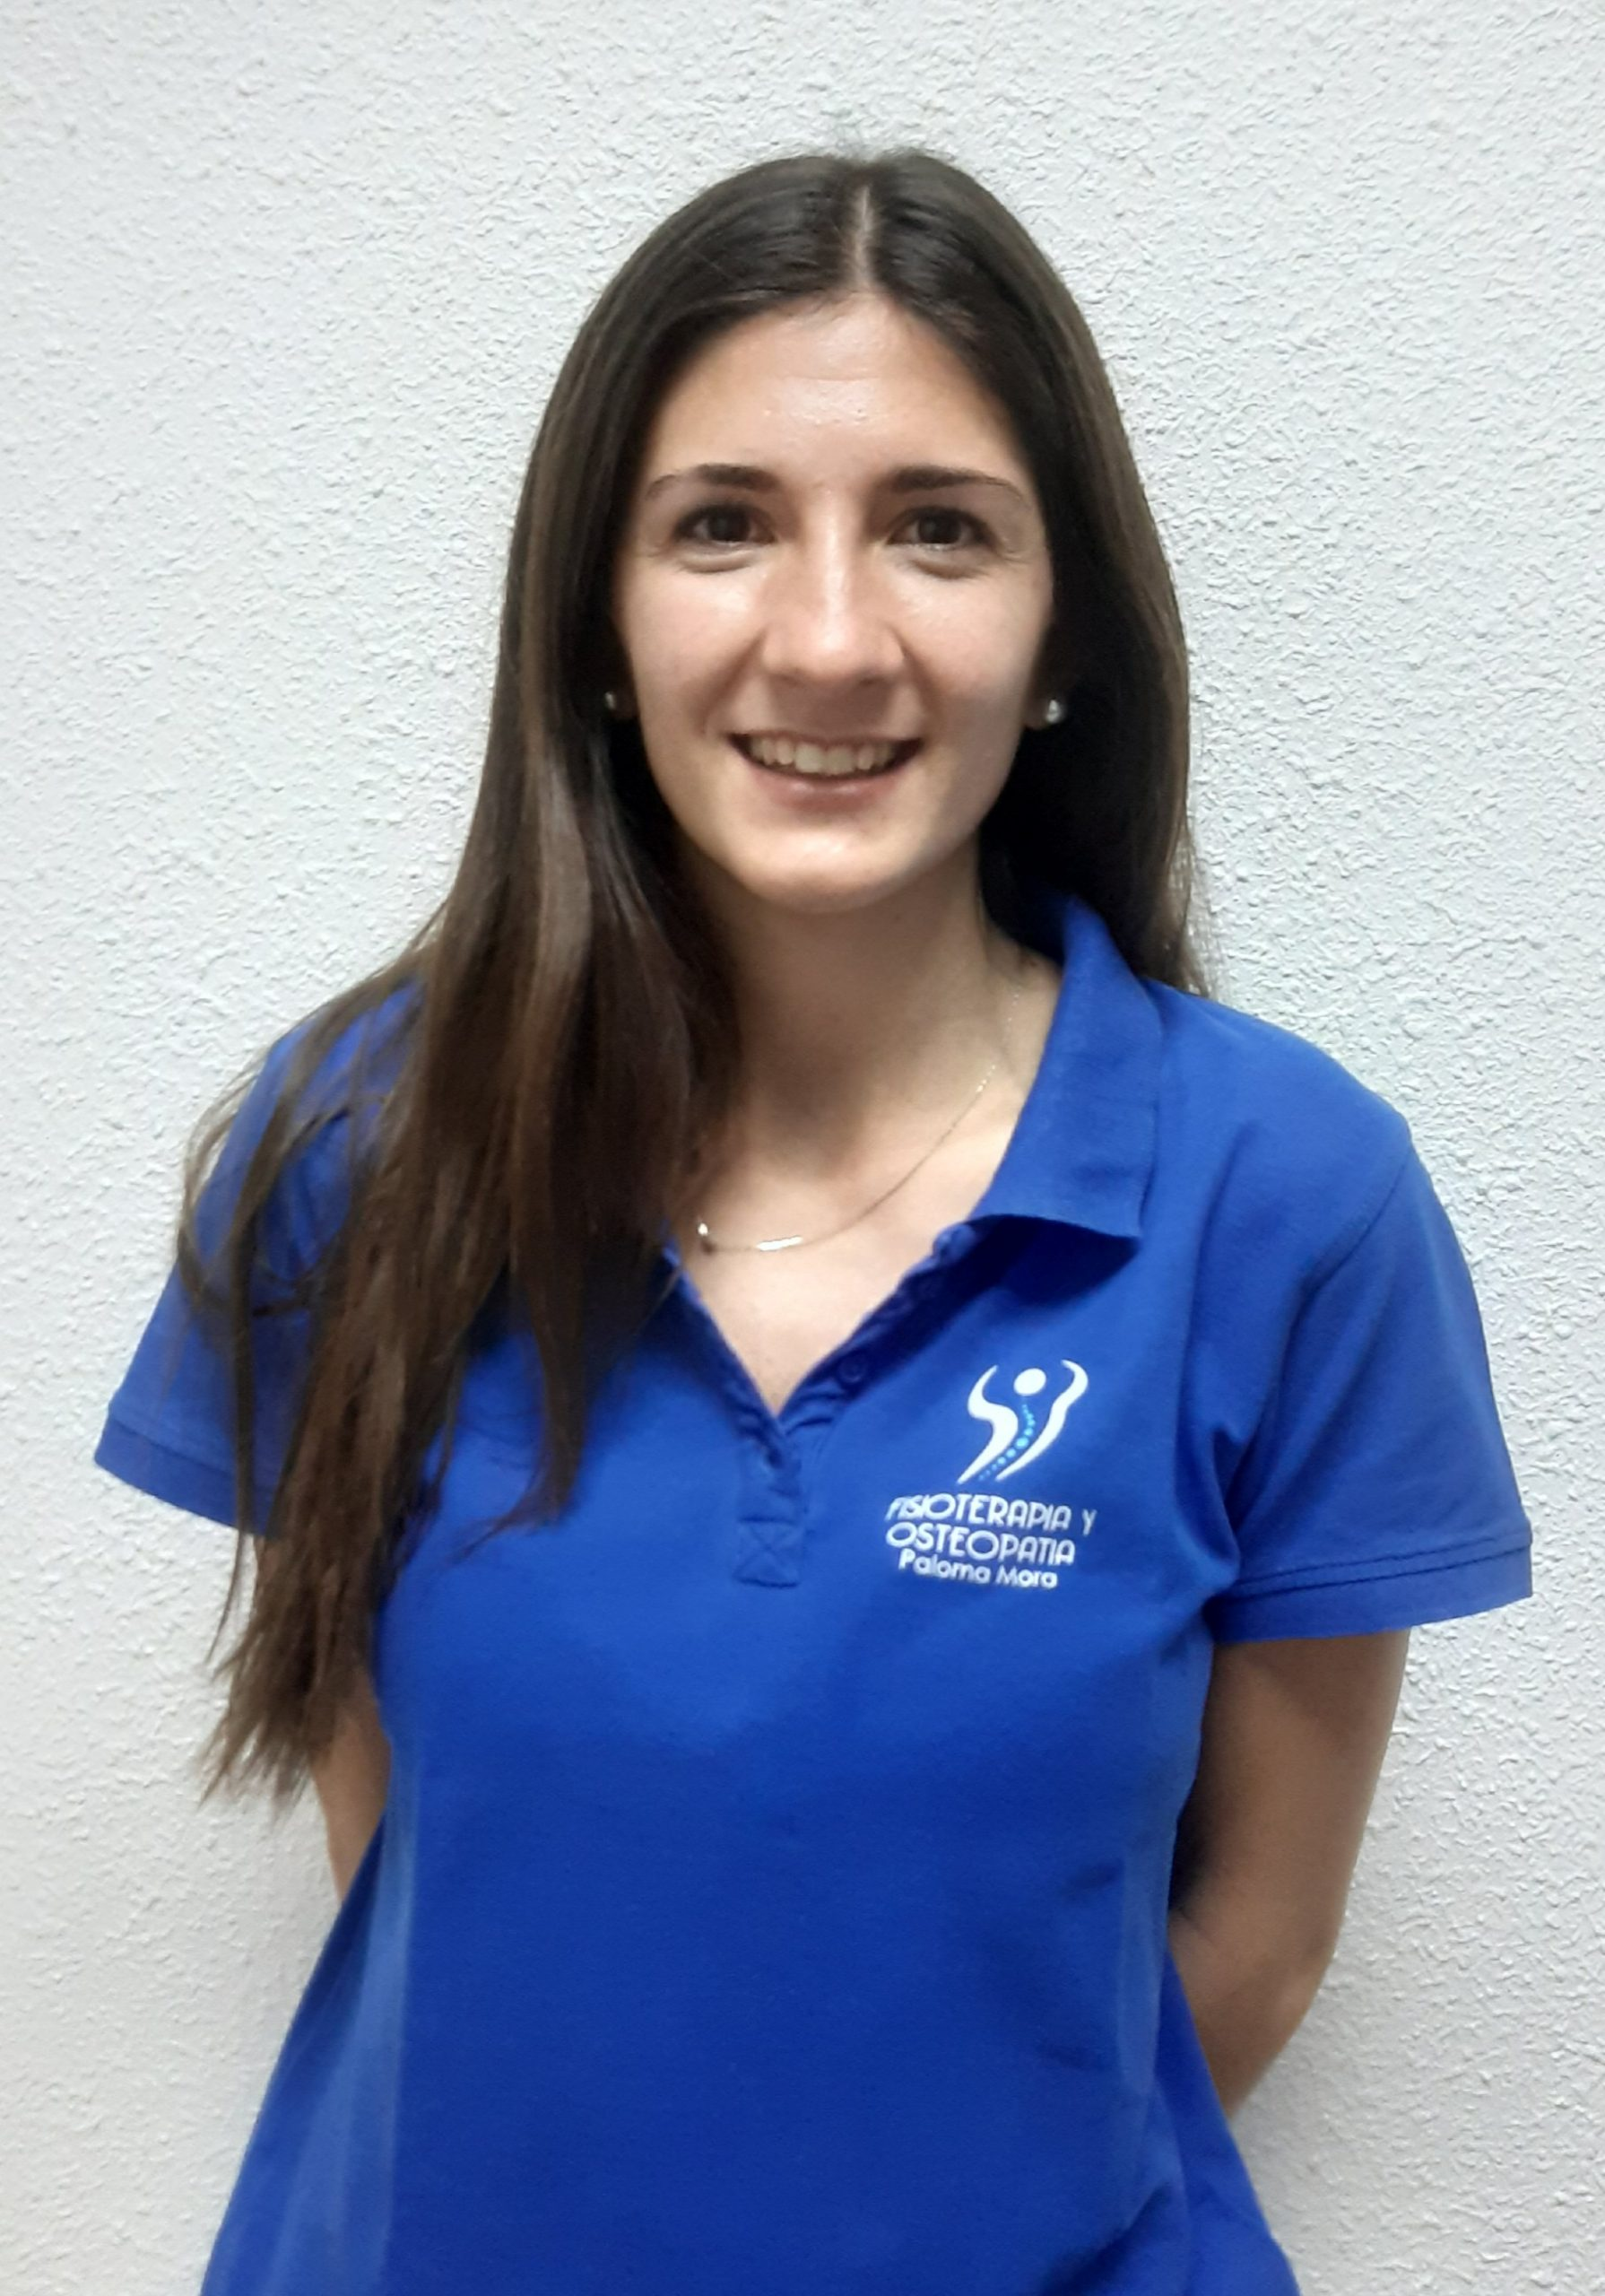 Paloma Mora, Fisioterapeuta titulada